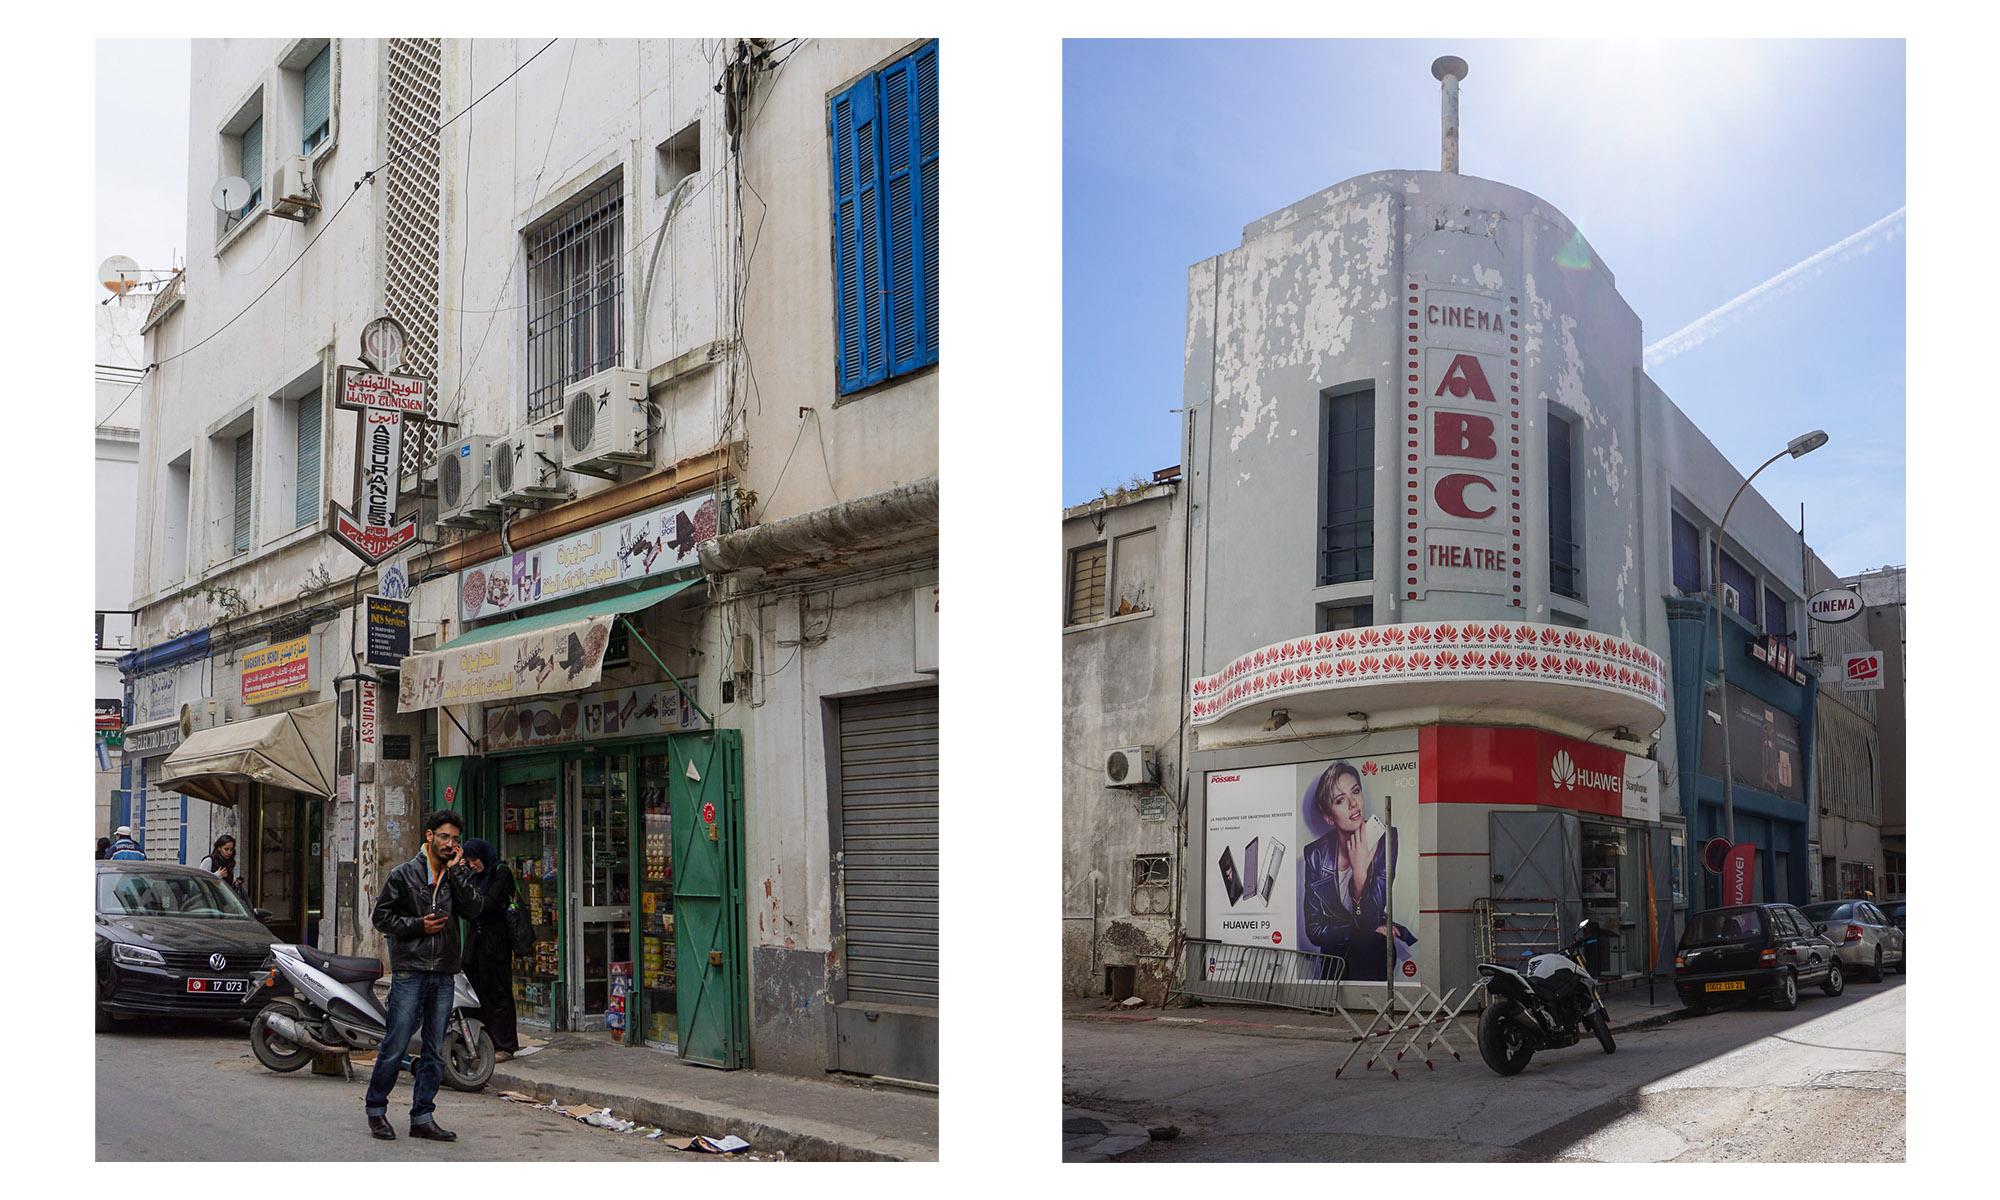 Zwei etwas ungepflegte ältere Gebäude in Tunis, ein Geschäft und ein Kino